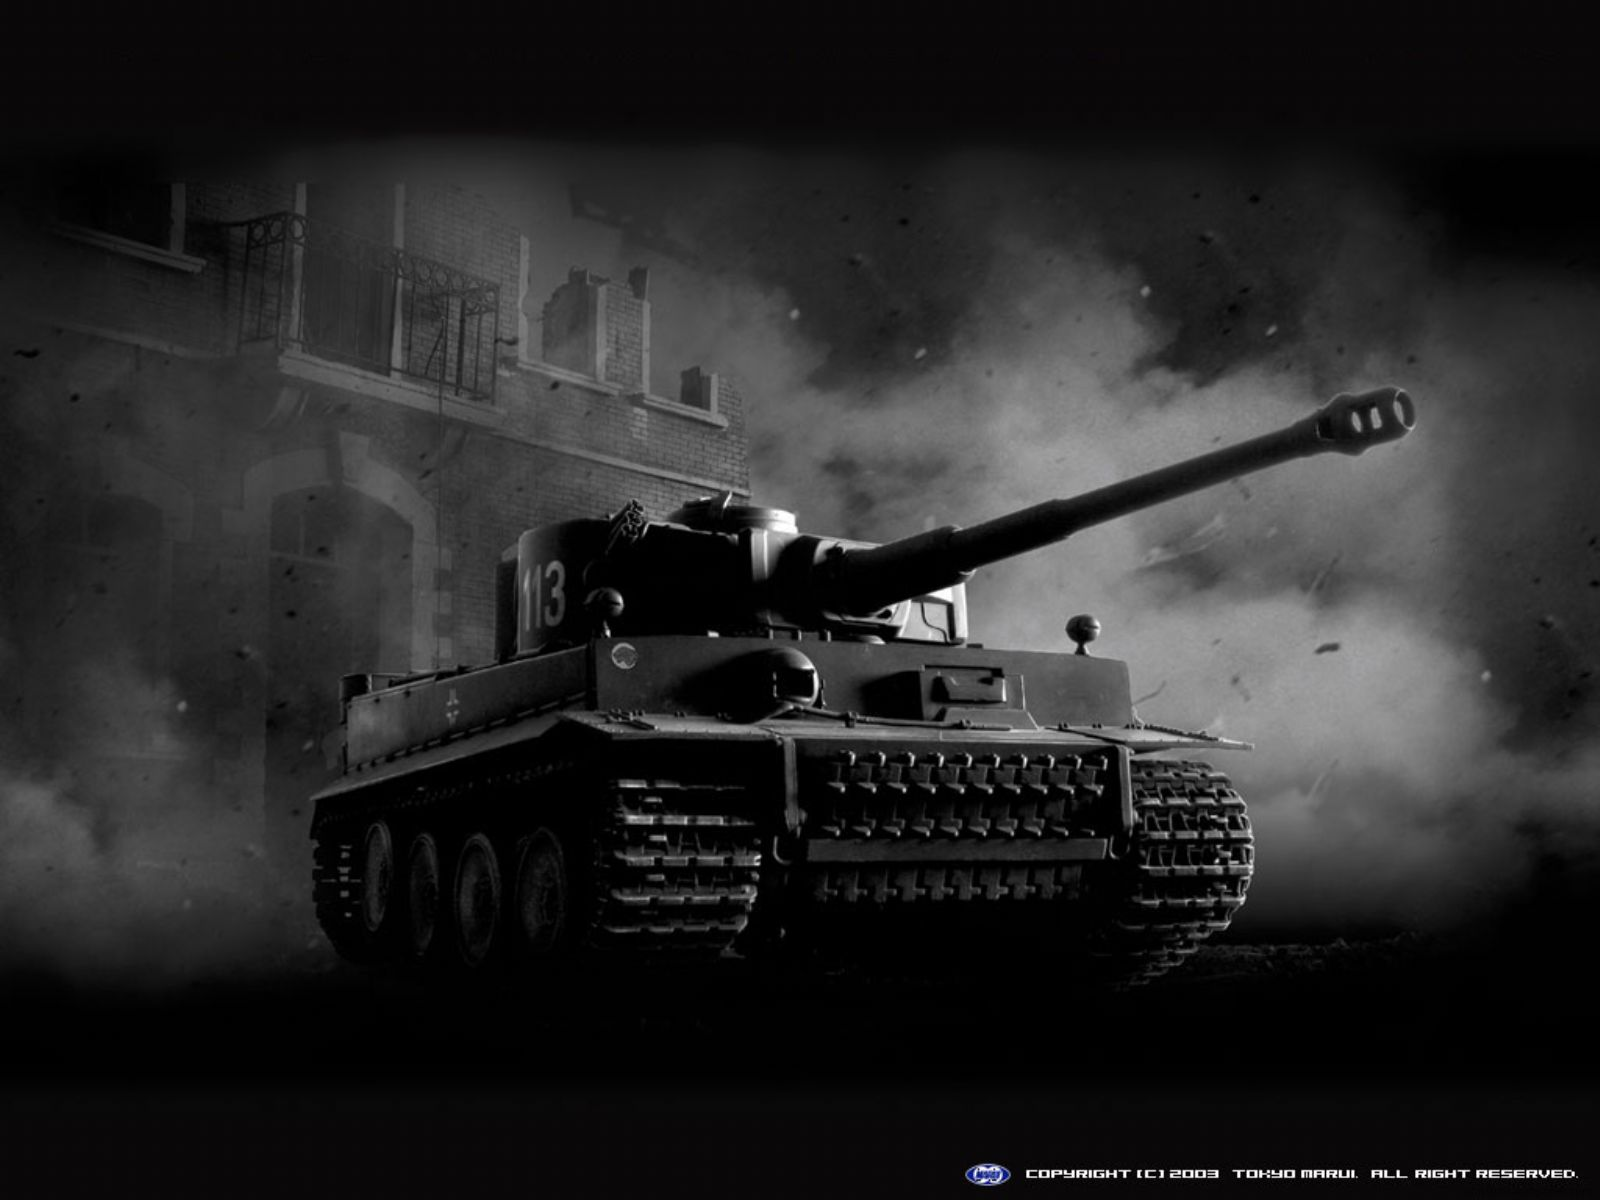 Tiger 1 Wallpaper - WallpaperSafari